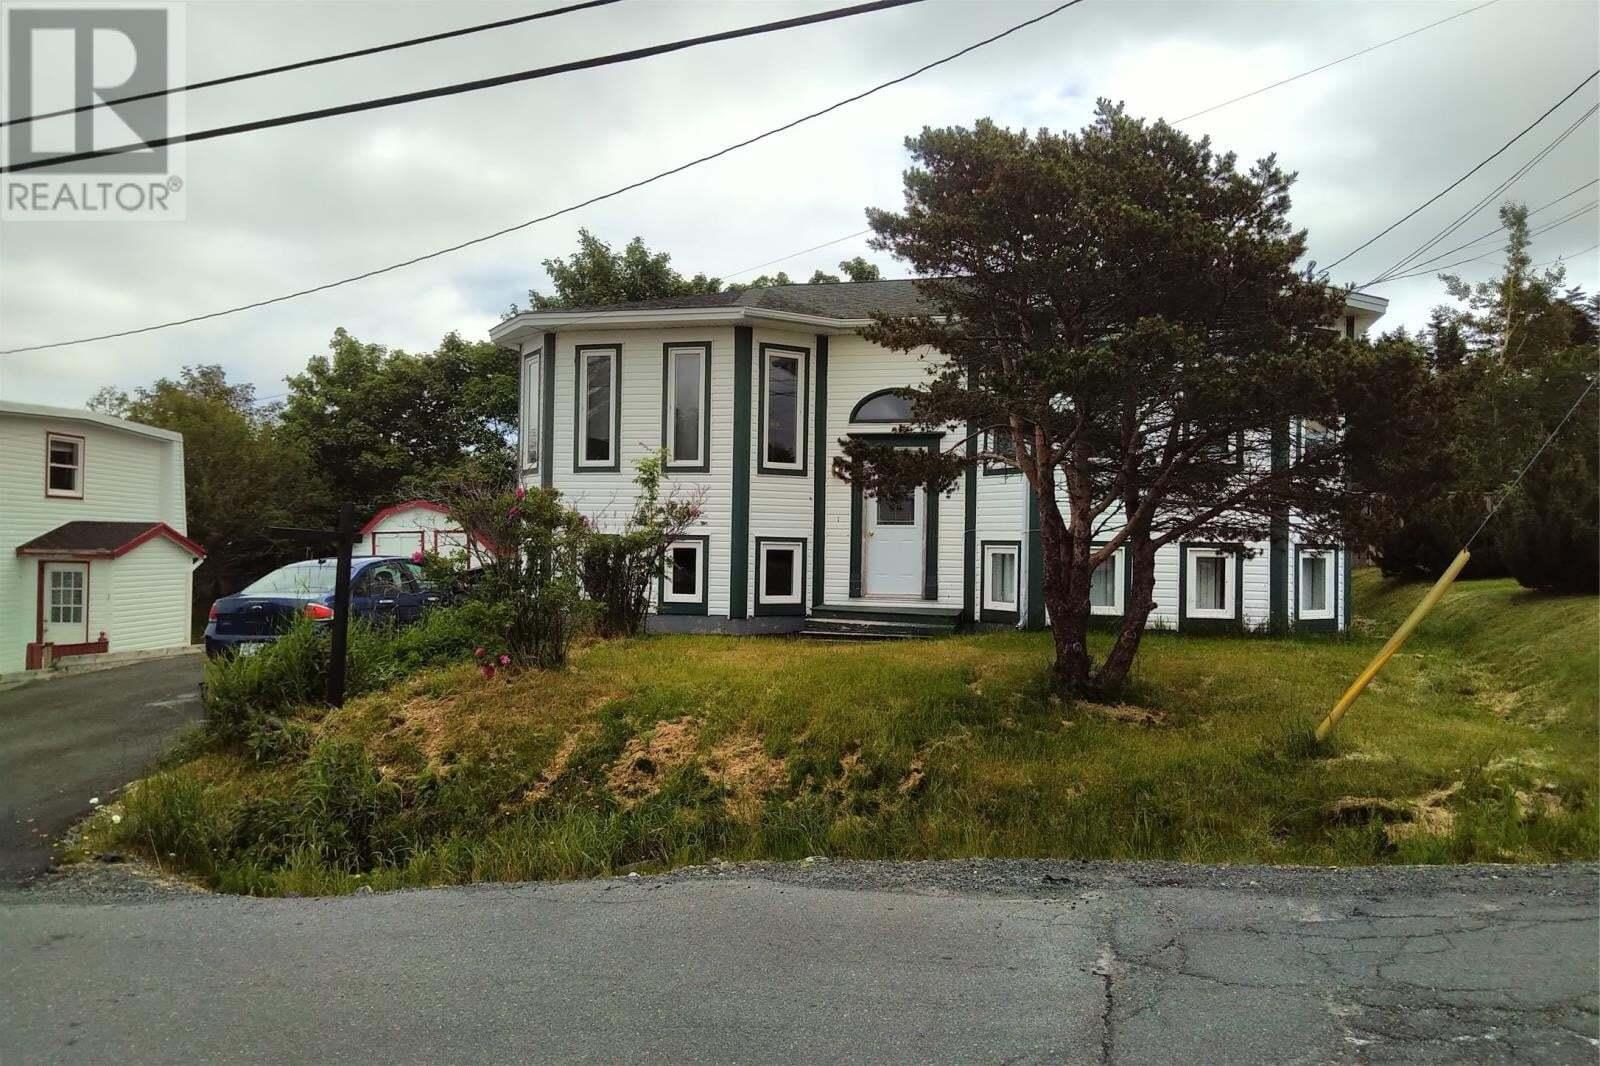 House for sale at 3 Penetanguishene Rd St. John's Newfoundland - MLS: 1217405